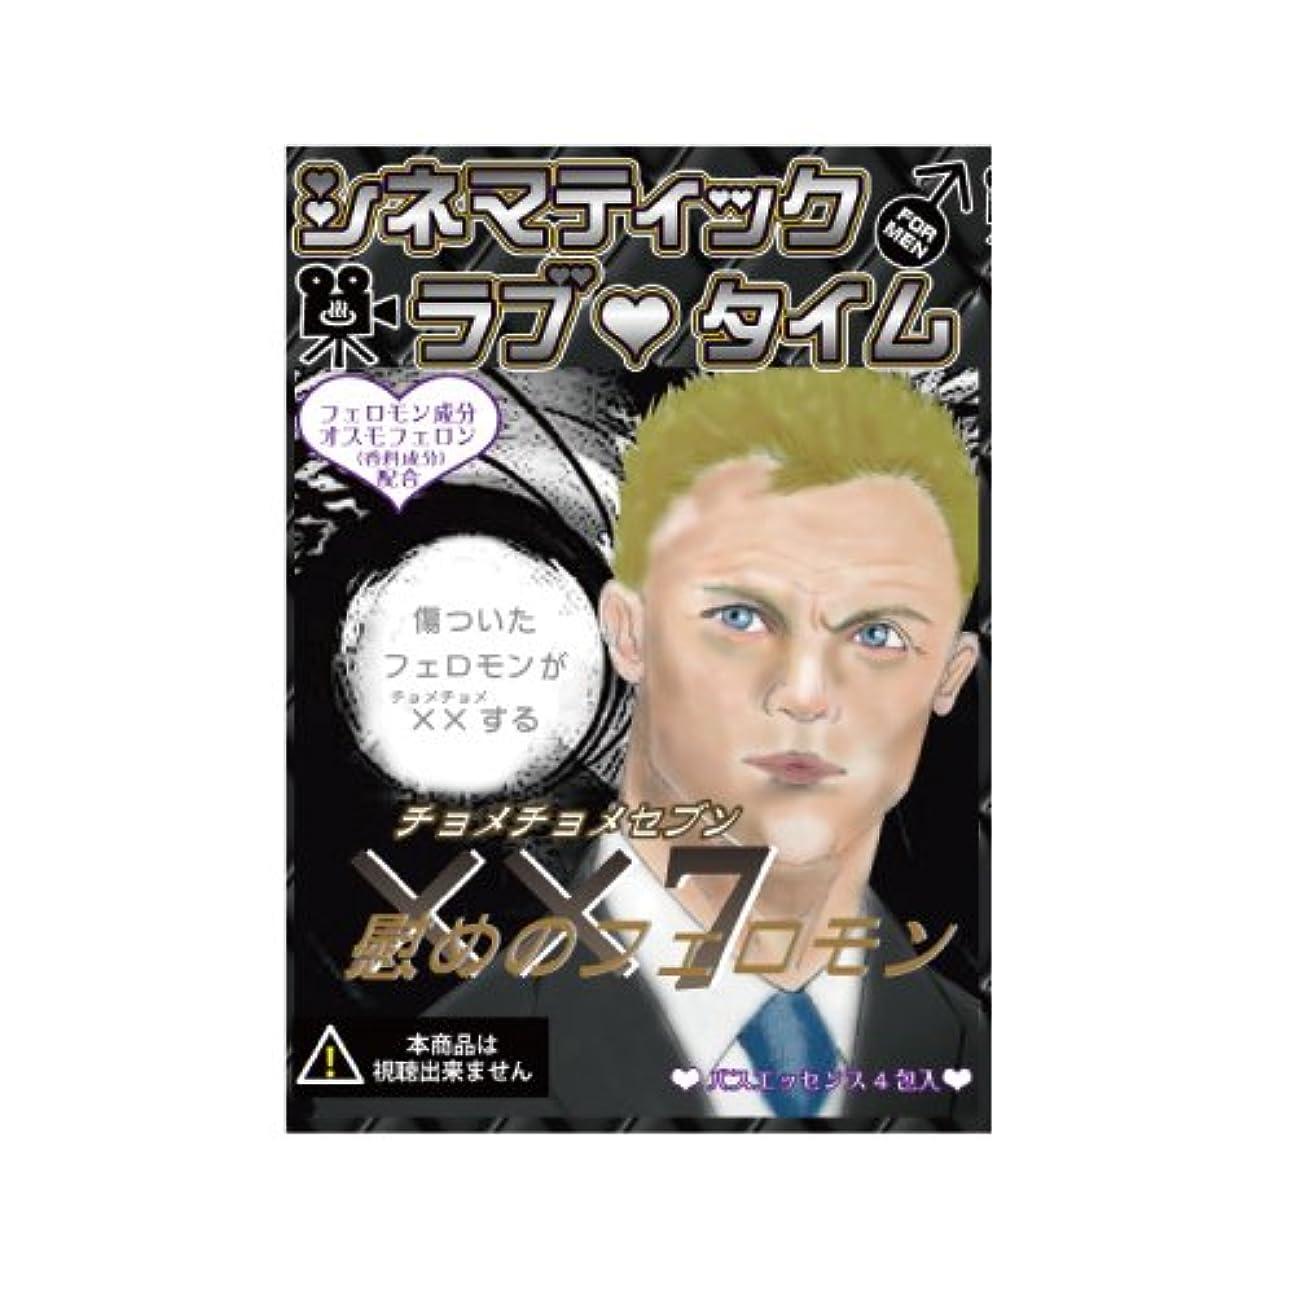 祭りミュージカル流出シネマティック ラブタイム 入浴剤 0069